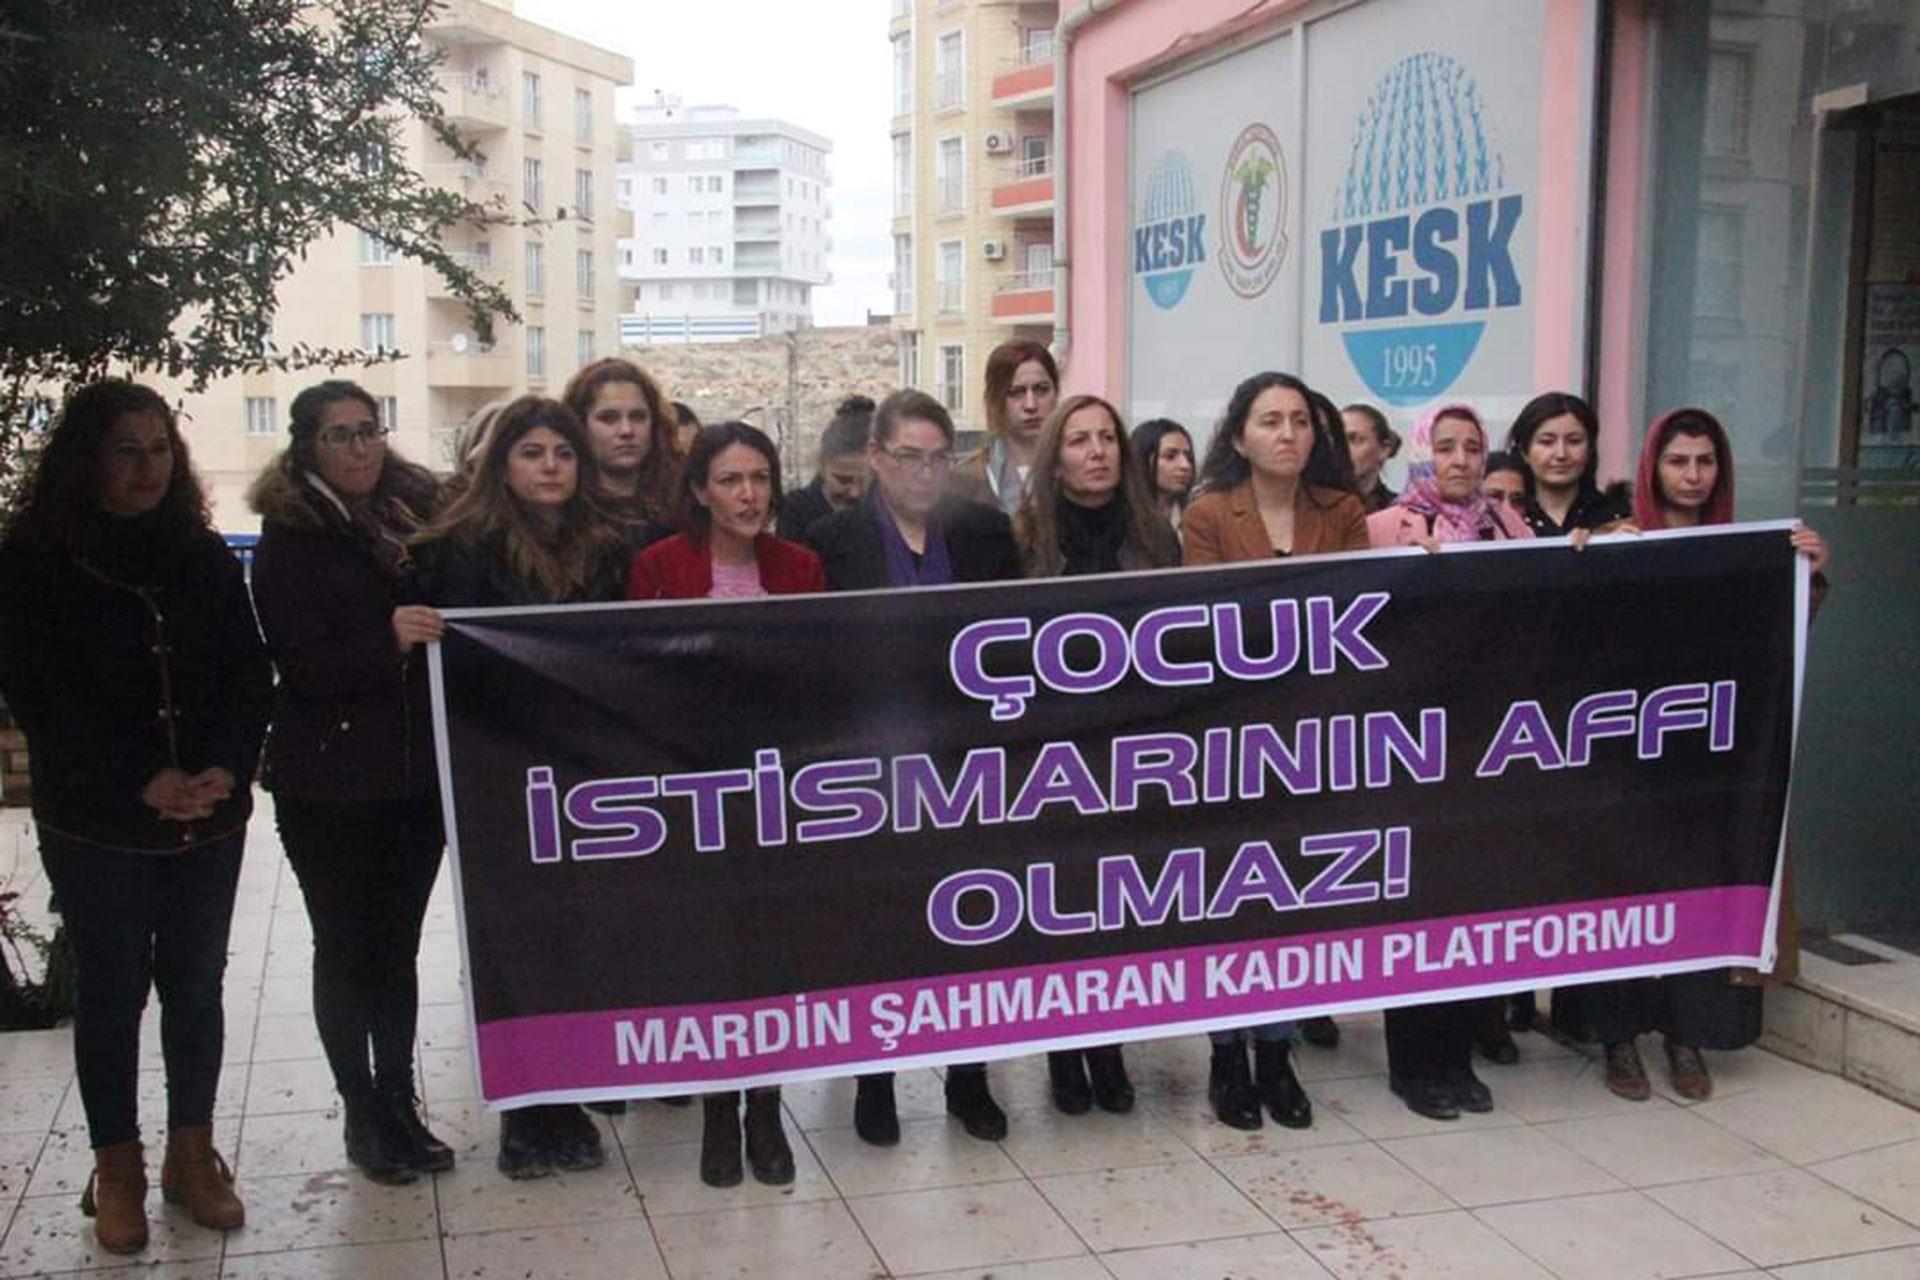 Şahmeran Kadın Platformu